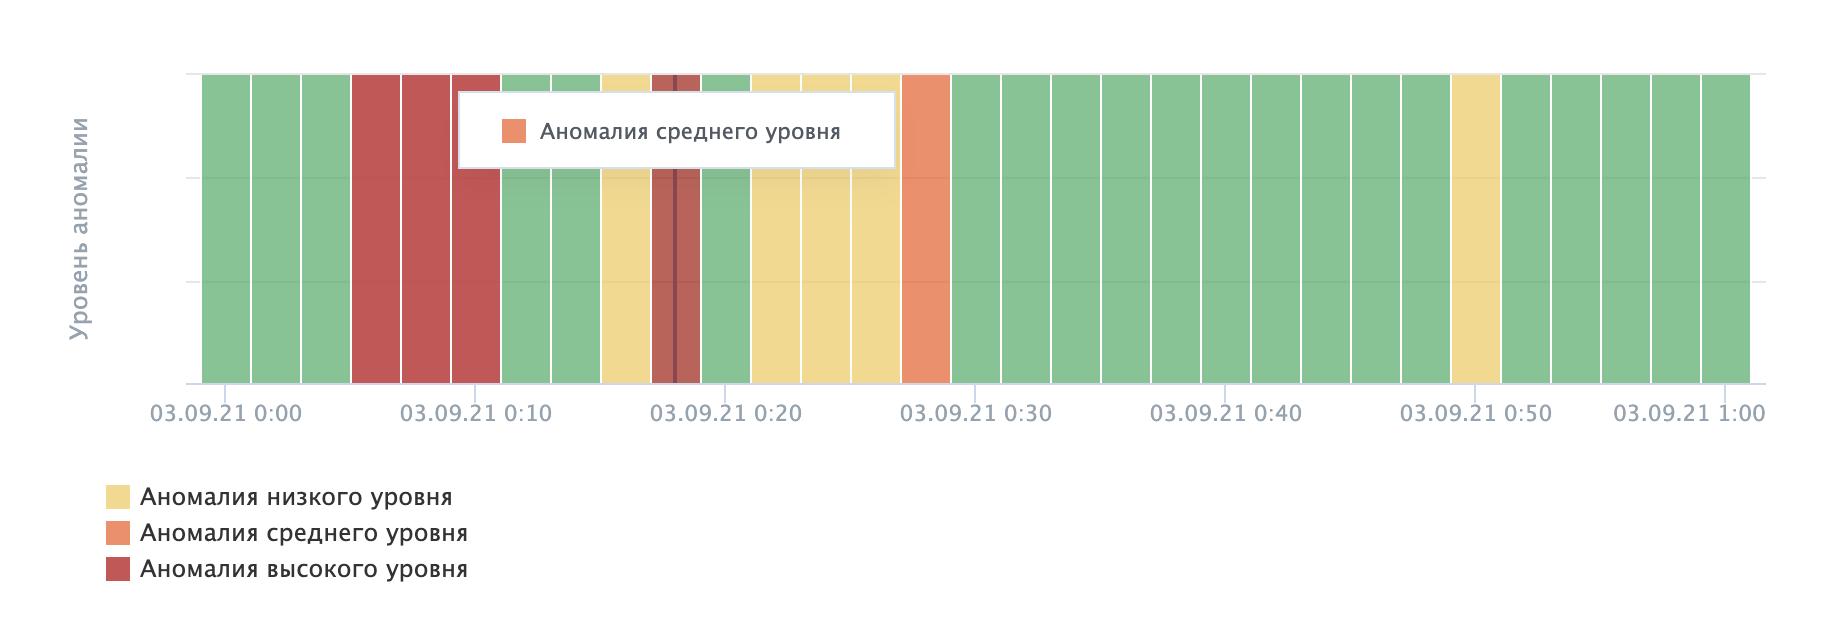 Статистика по аномалиям в NGENIX Multidesk